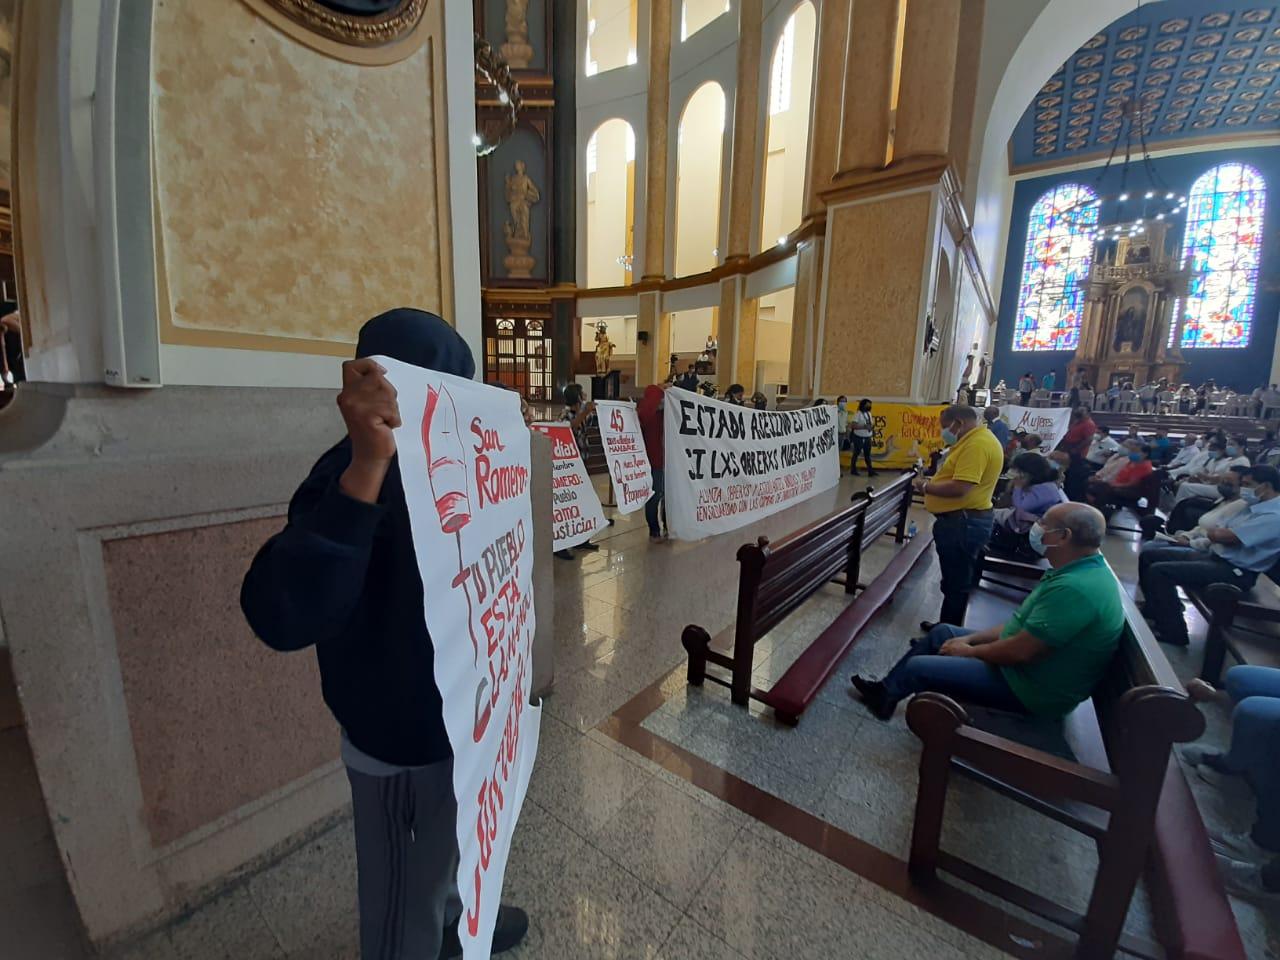 Protestan contra despidos en catedral de San Salvador San Salvador. Prensa Latina